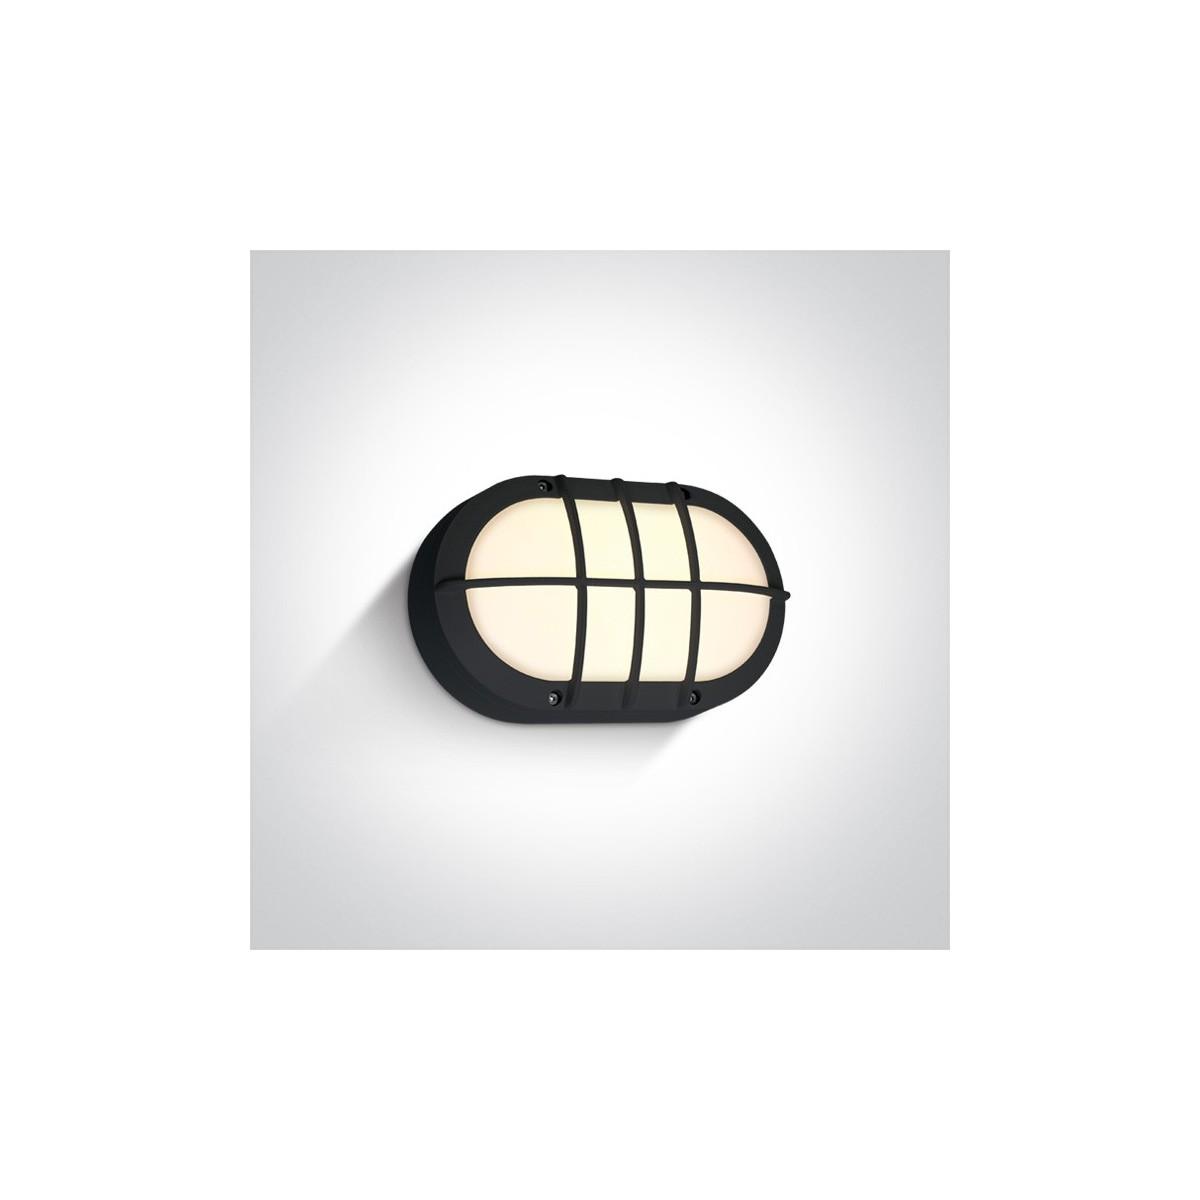 One Light kinkiet LED retro z kratką kanałowa czarny Valmi 67442C/B/W IP54